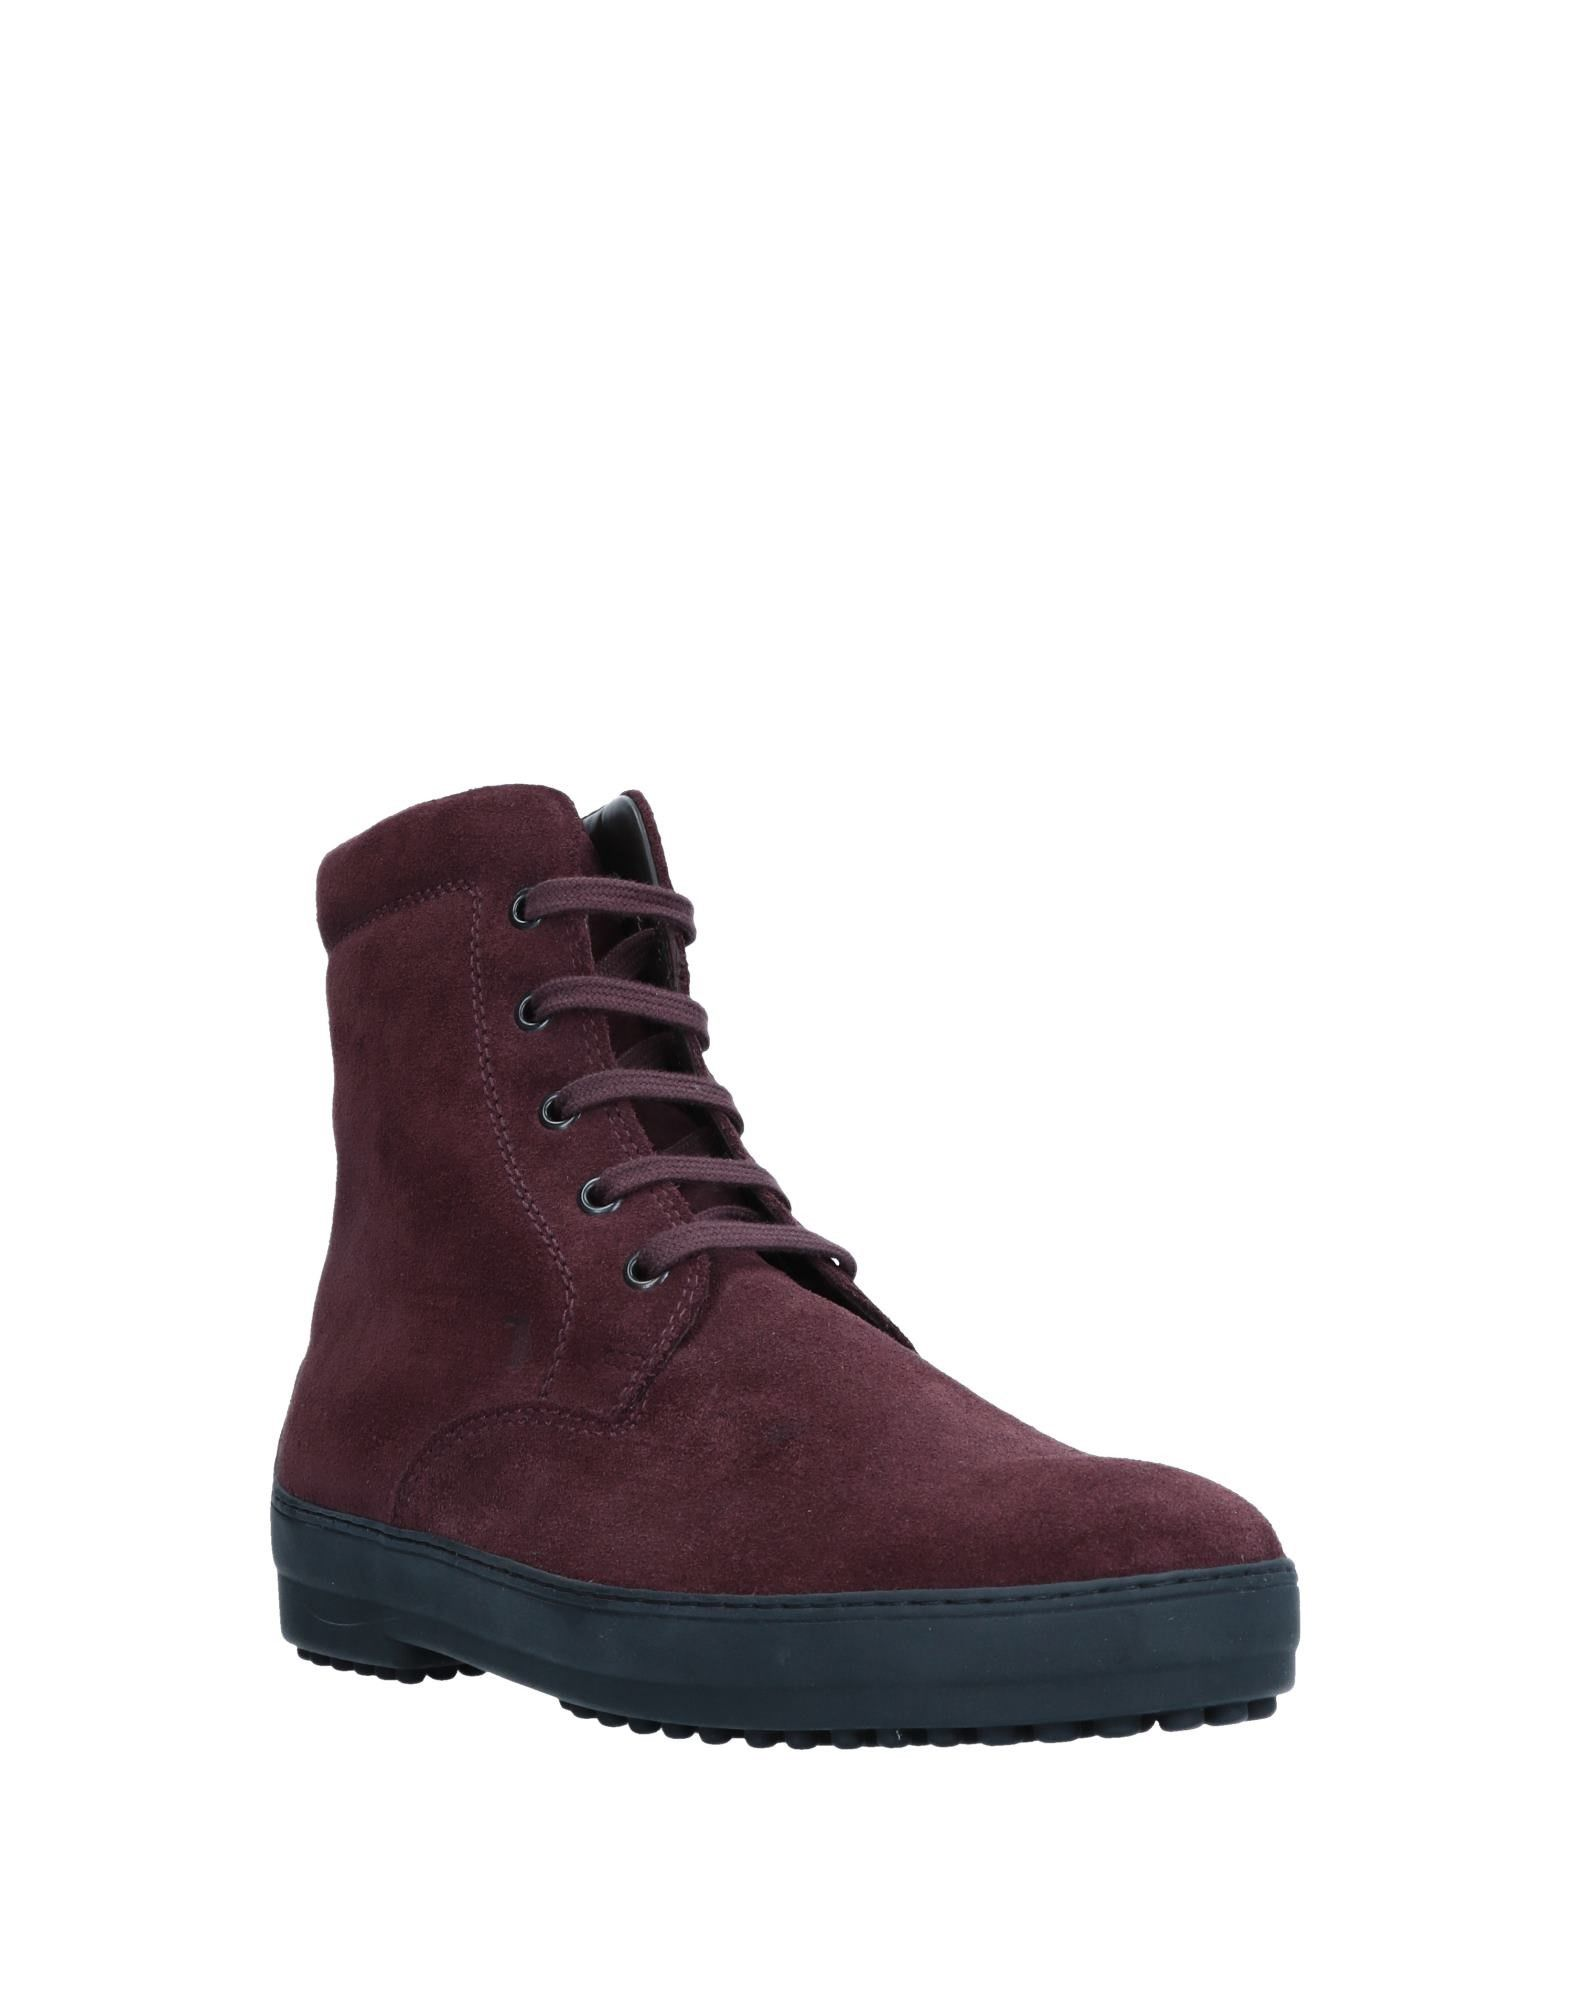 Tod's Stiefelette Gute Herren  11542394PW Gute Stiefelette Qualität beliebte Schuhe faab2e